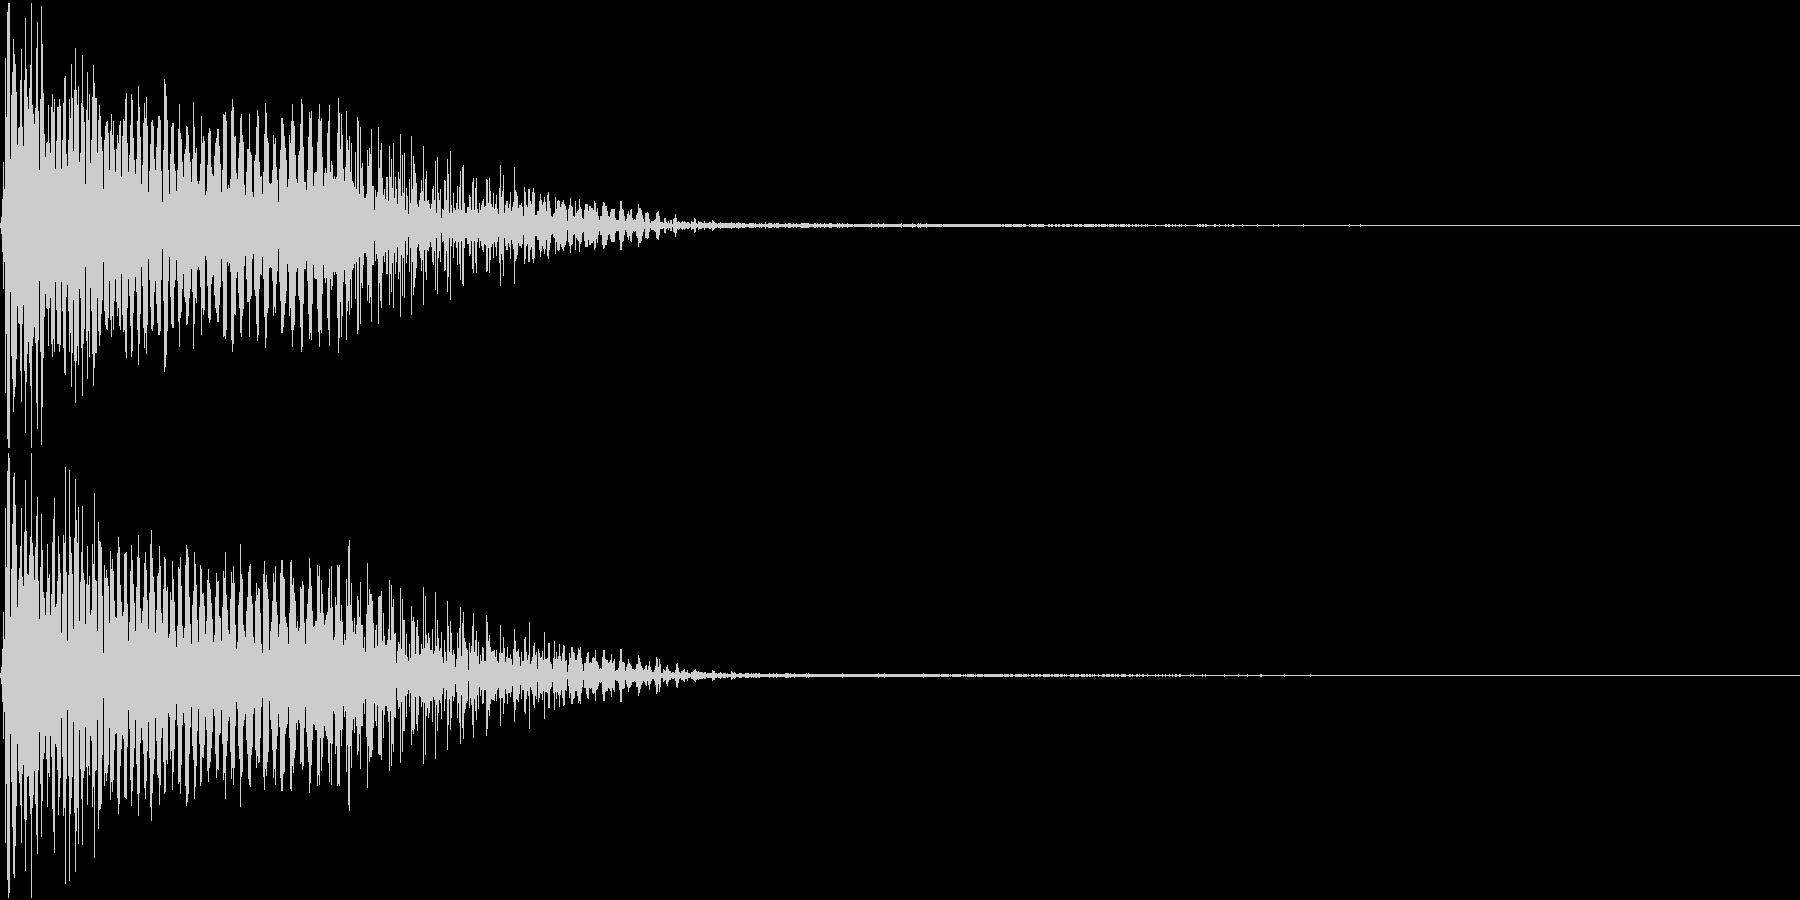 InvaderBuzz 発砲音 23の未再生の波形